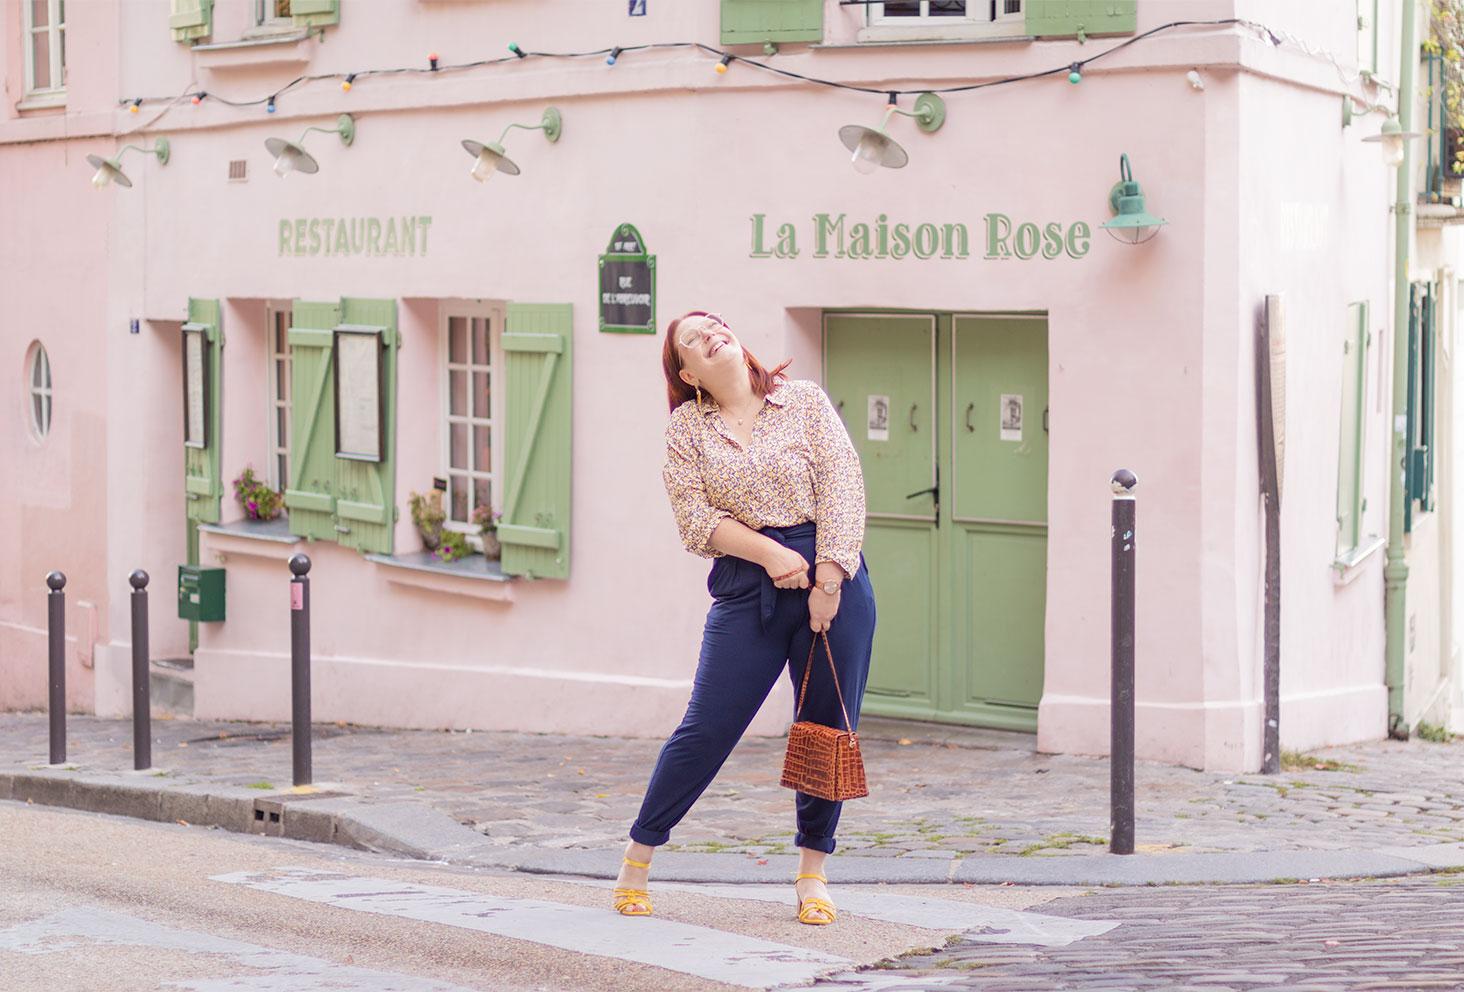 Devant le restaurant La Maison Rose de Montmartre en pantalon Les Lunes et chemisier, avec le sourire, et un sac marron Cavale Paris dans les mains